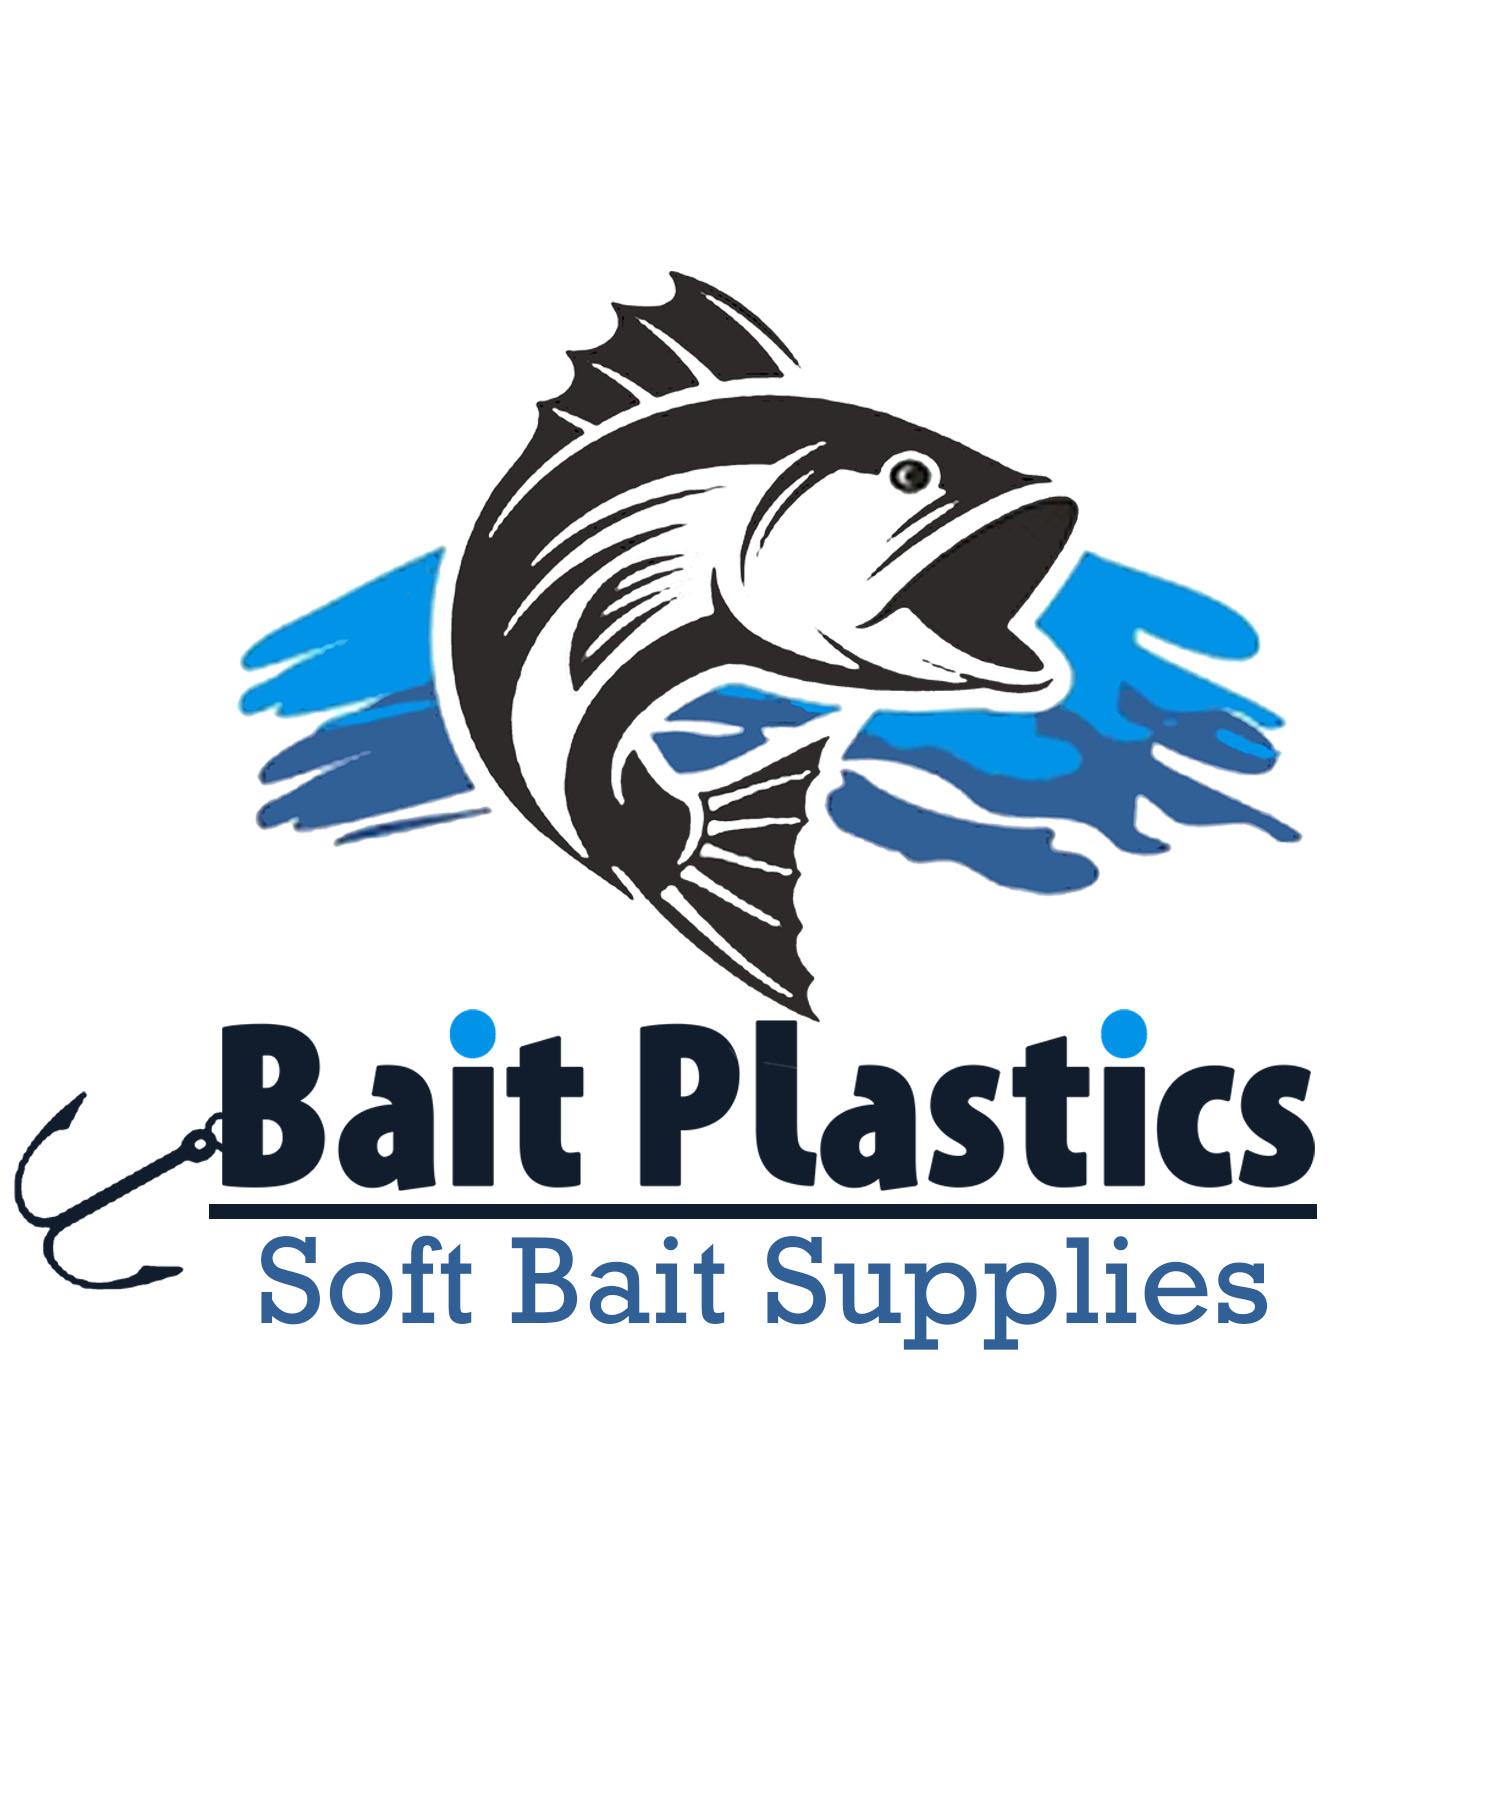 Bait Plastics